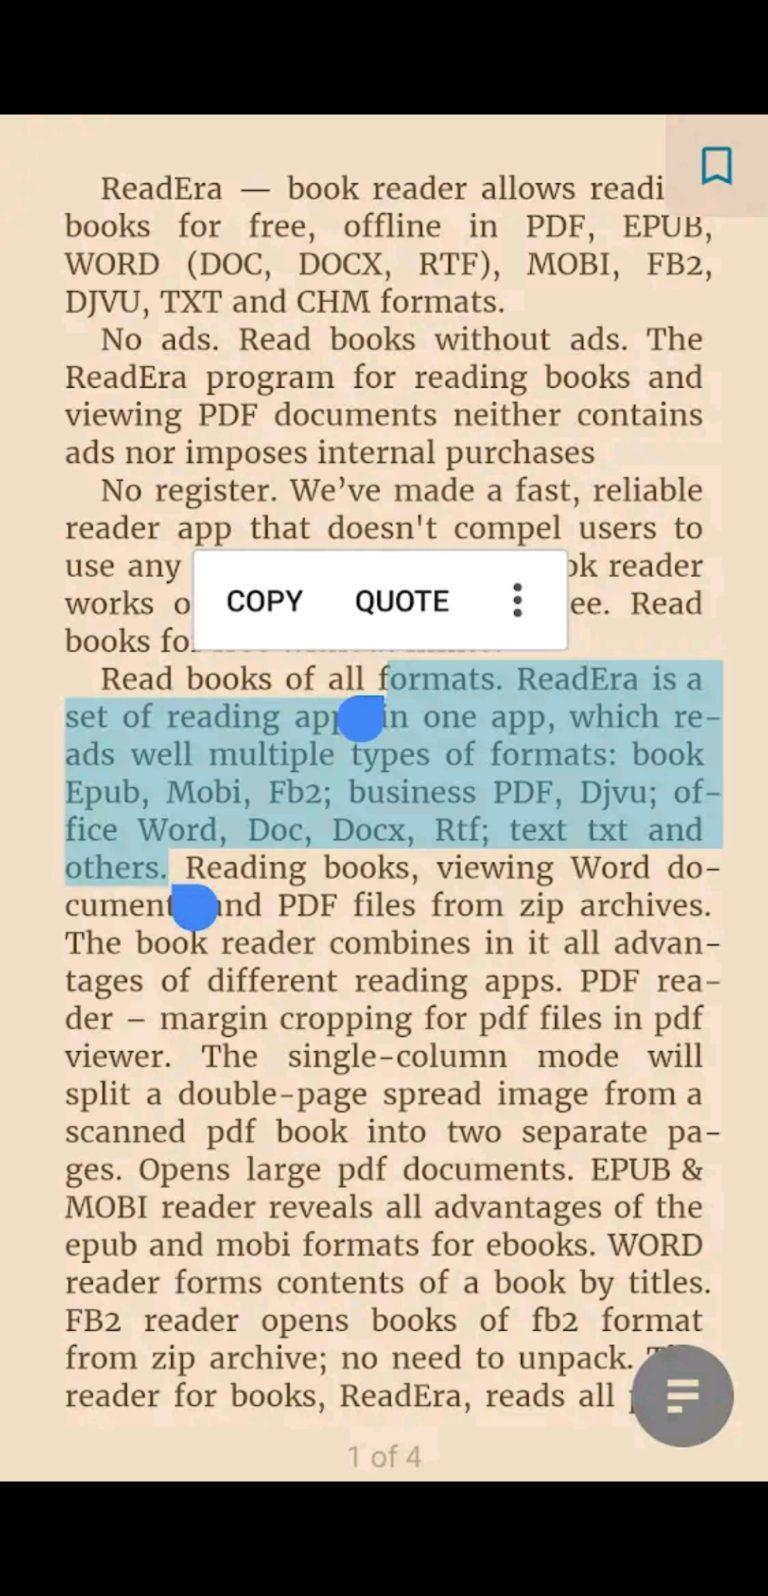 readera aplikacja